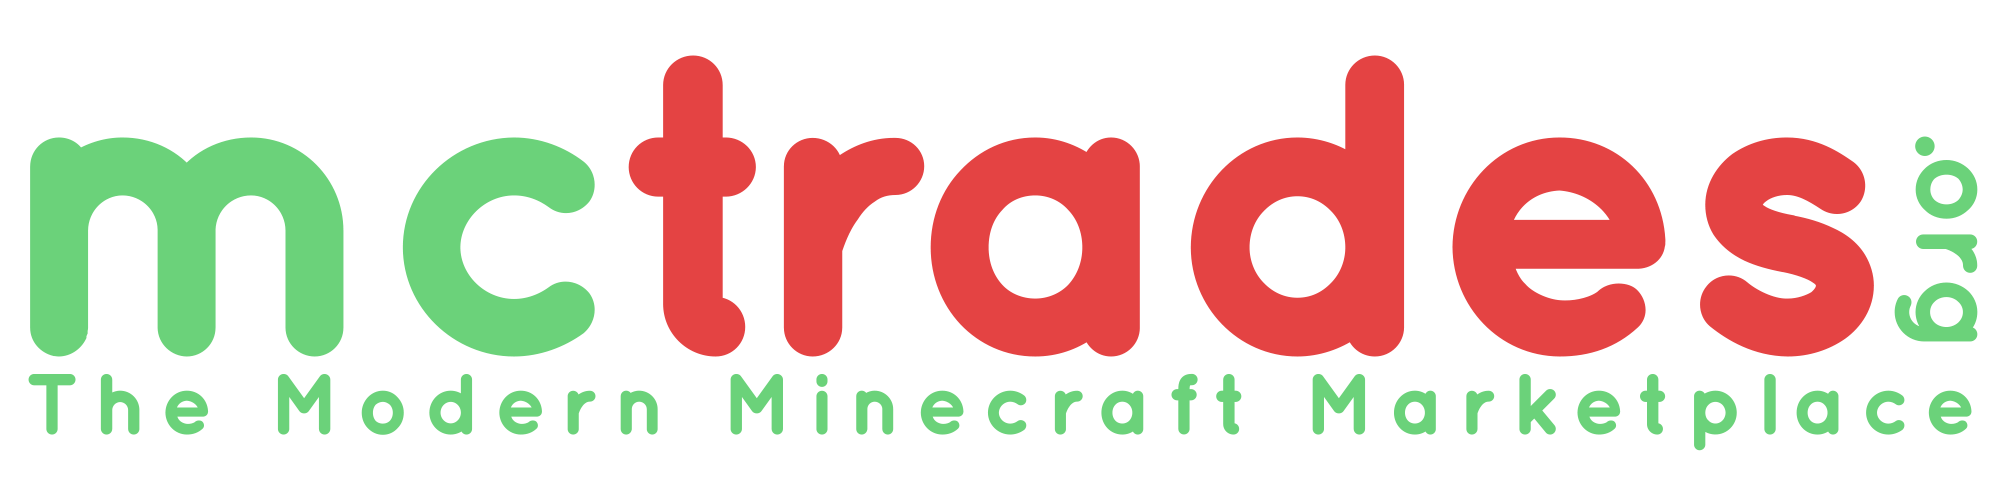 MCTrades